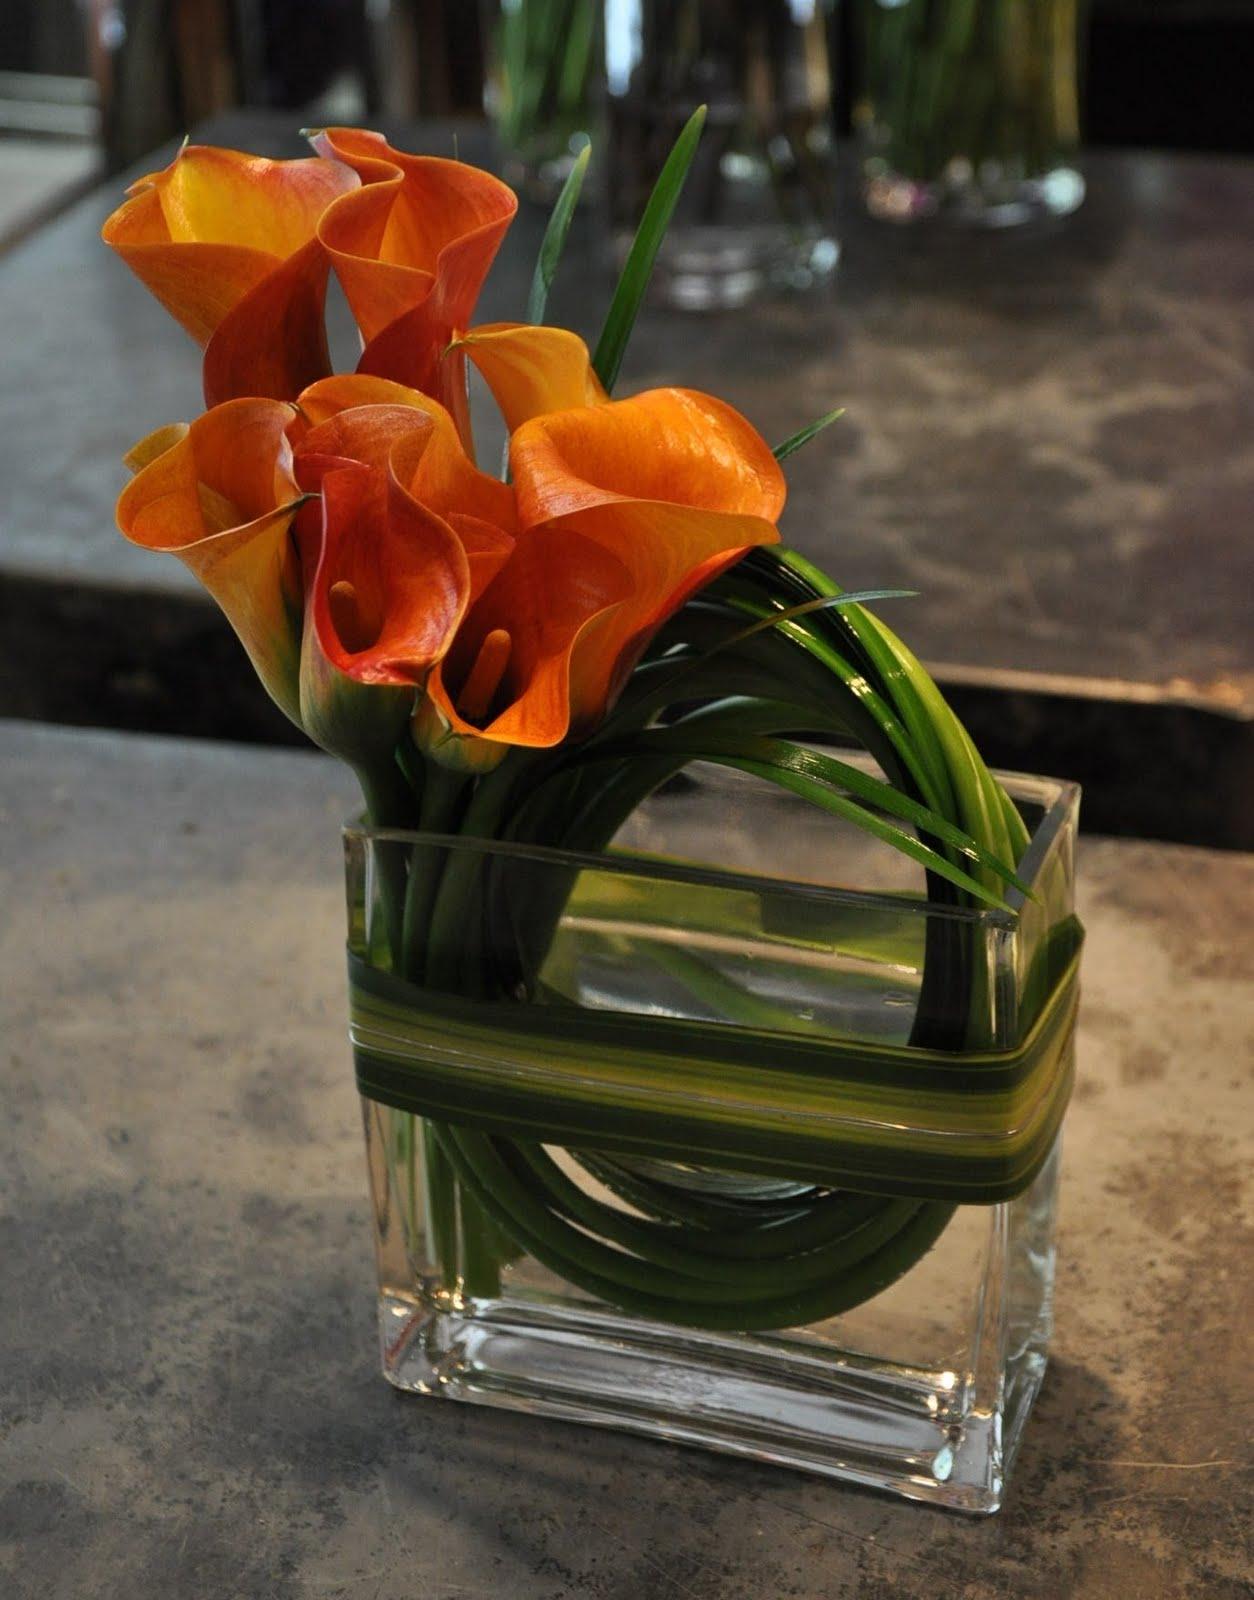 Las vegas flowers premier event florists licensing